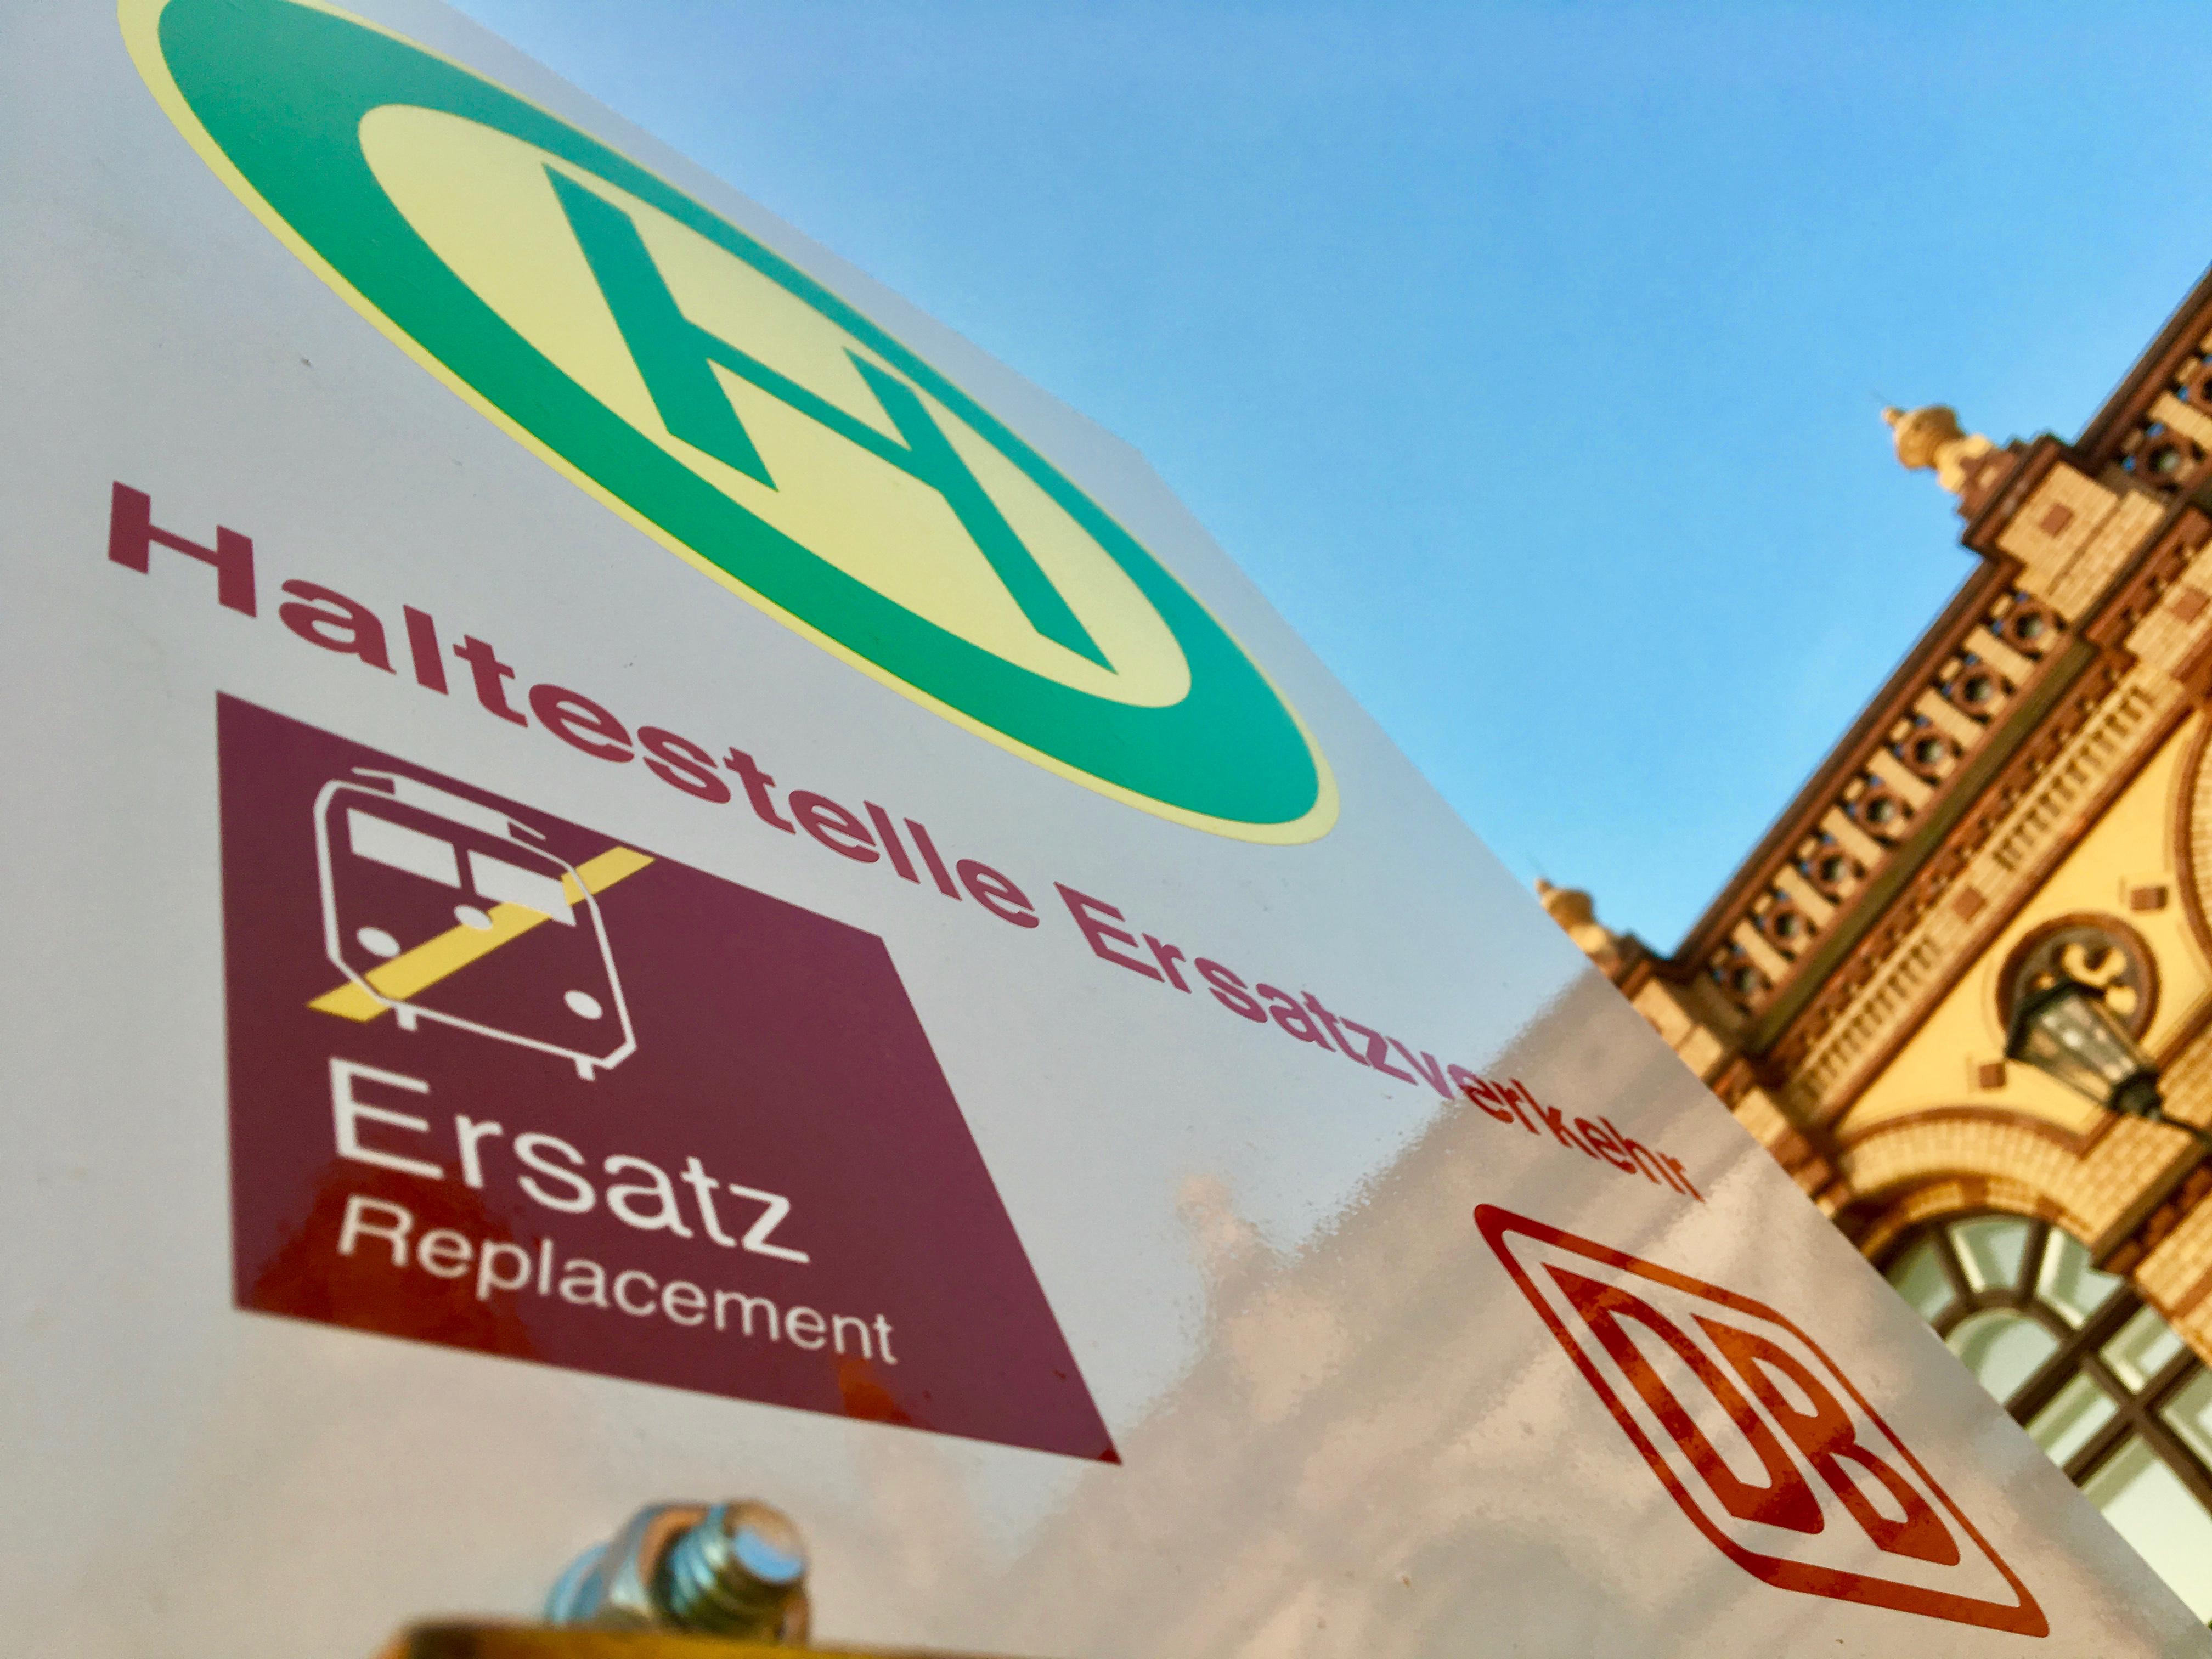 Ersatzverkehr-Schild vorm Schweriner Hauptbahnhof